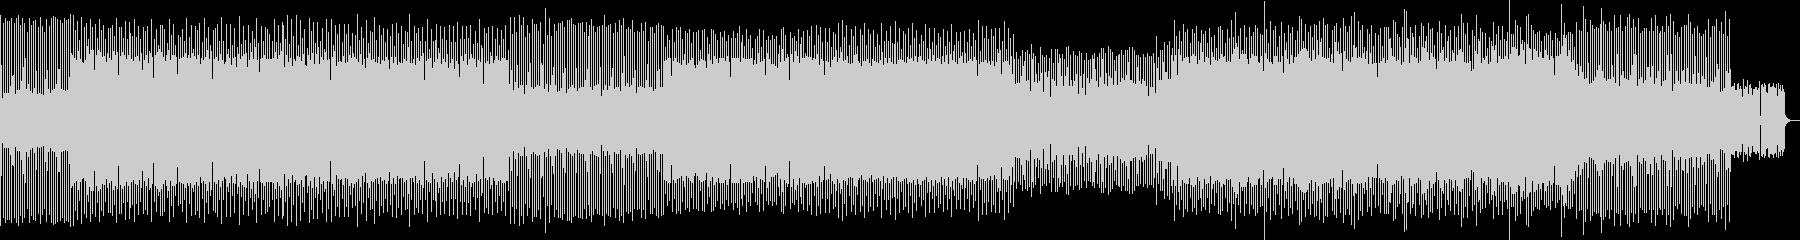 アグレッシブで楽しいミニマルテクノの未再生の波形